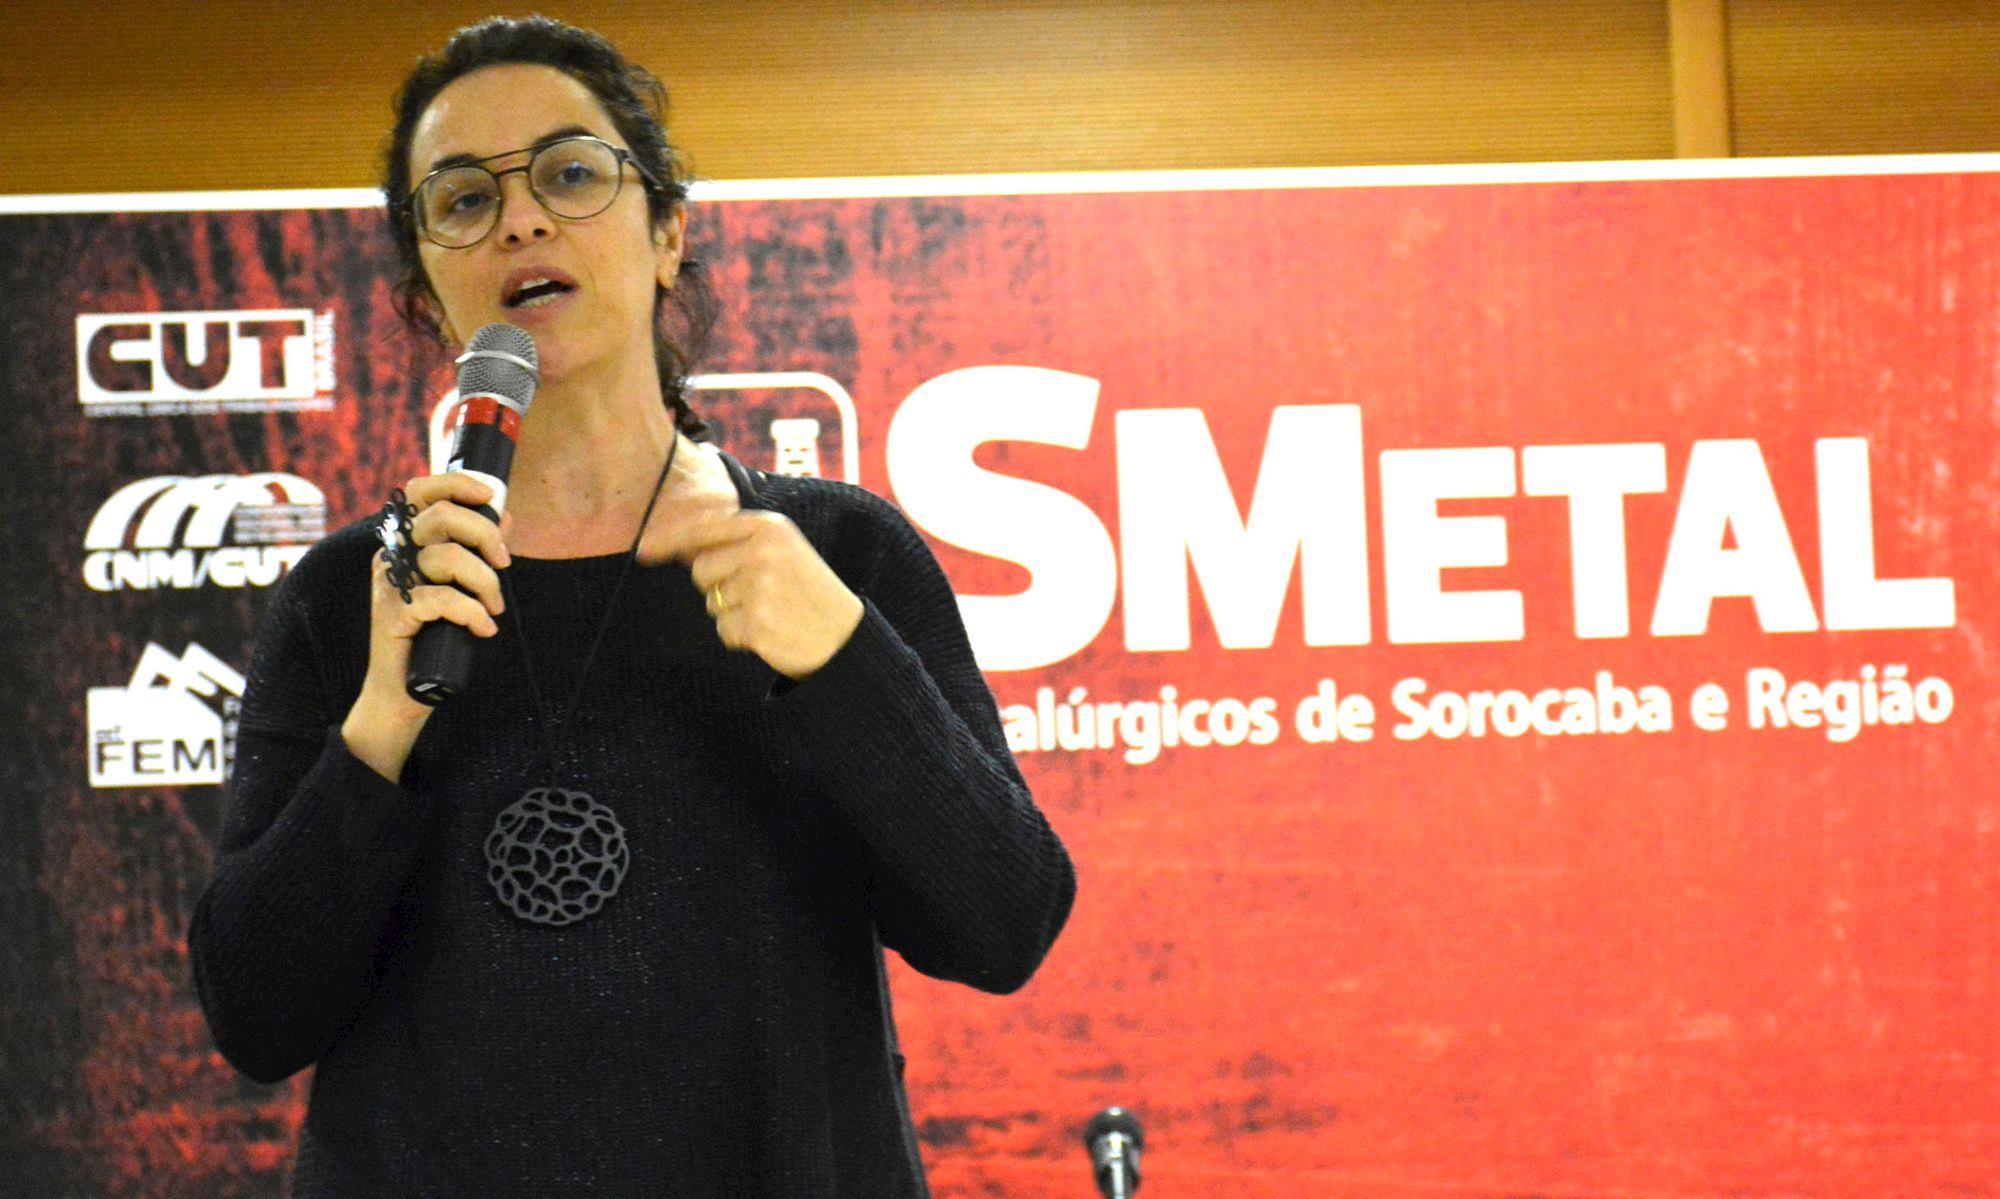 marcia, tiburi, entrevista, eleições, Foguinho/Arquivo SMetal